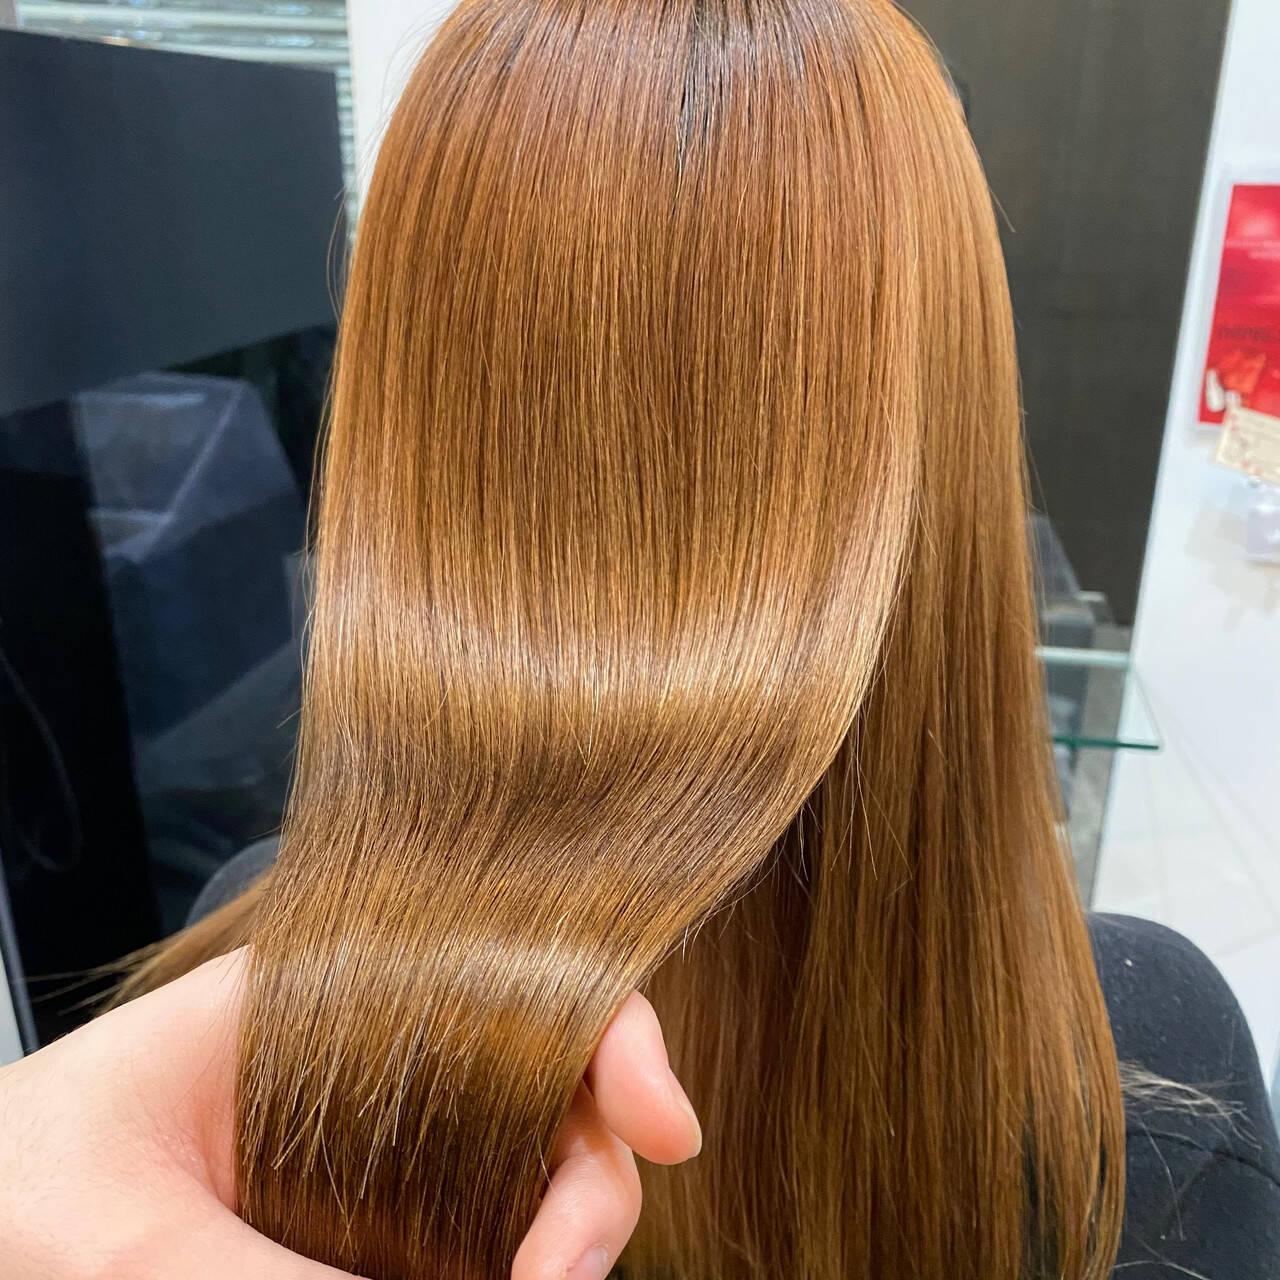 髪質改善カラー ストレート ナチュラル 髪質改善トリートメントヘアスタイルや髪型の写真・画像